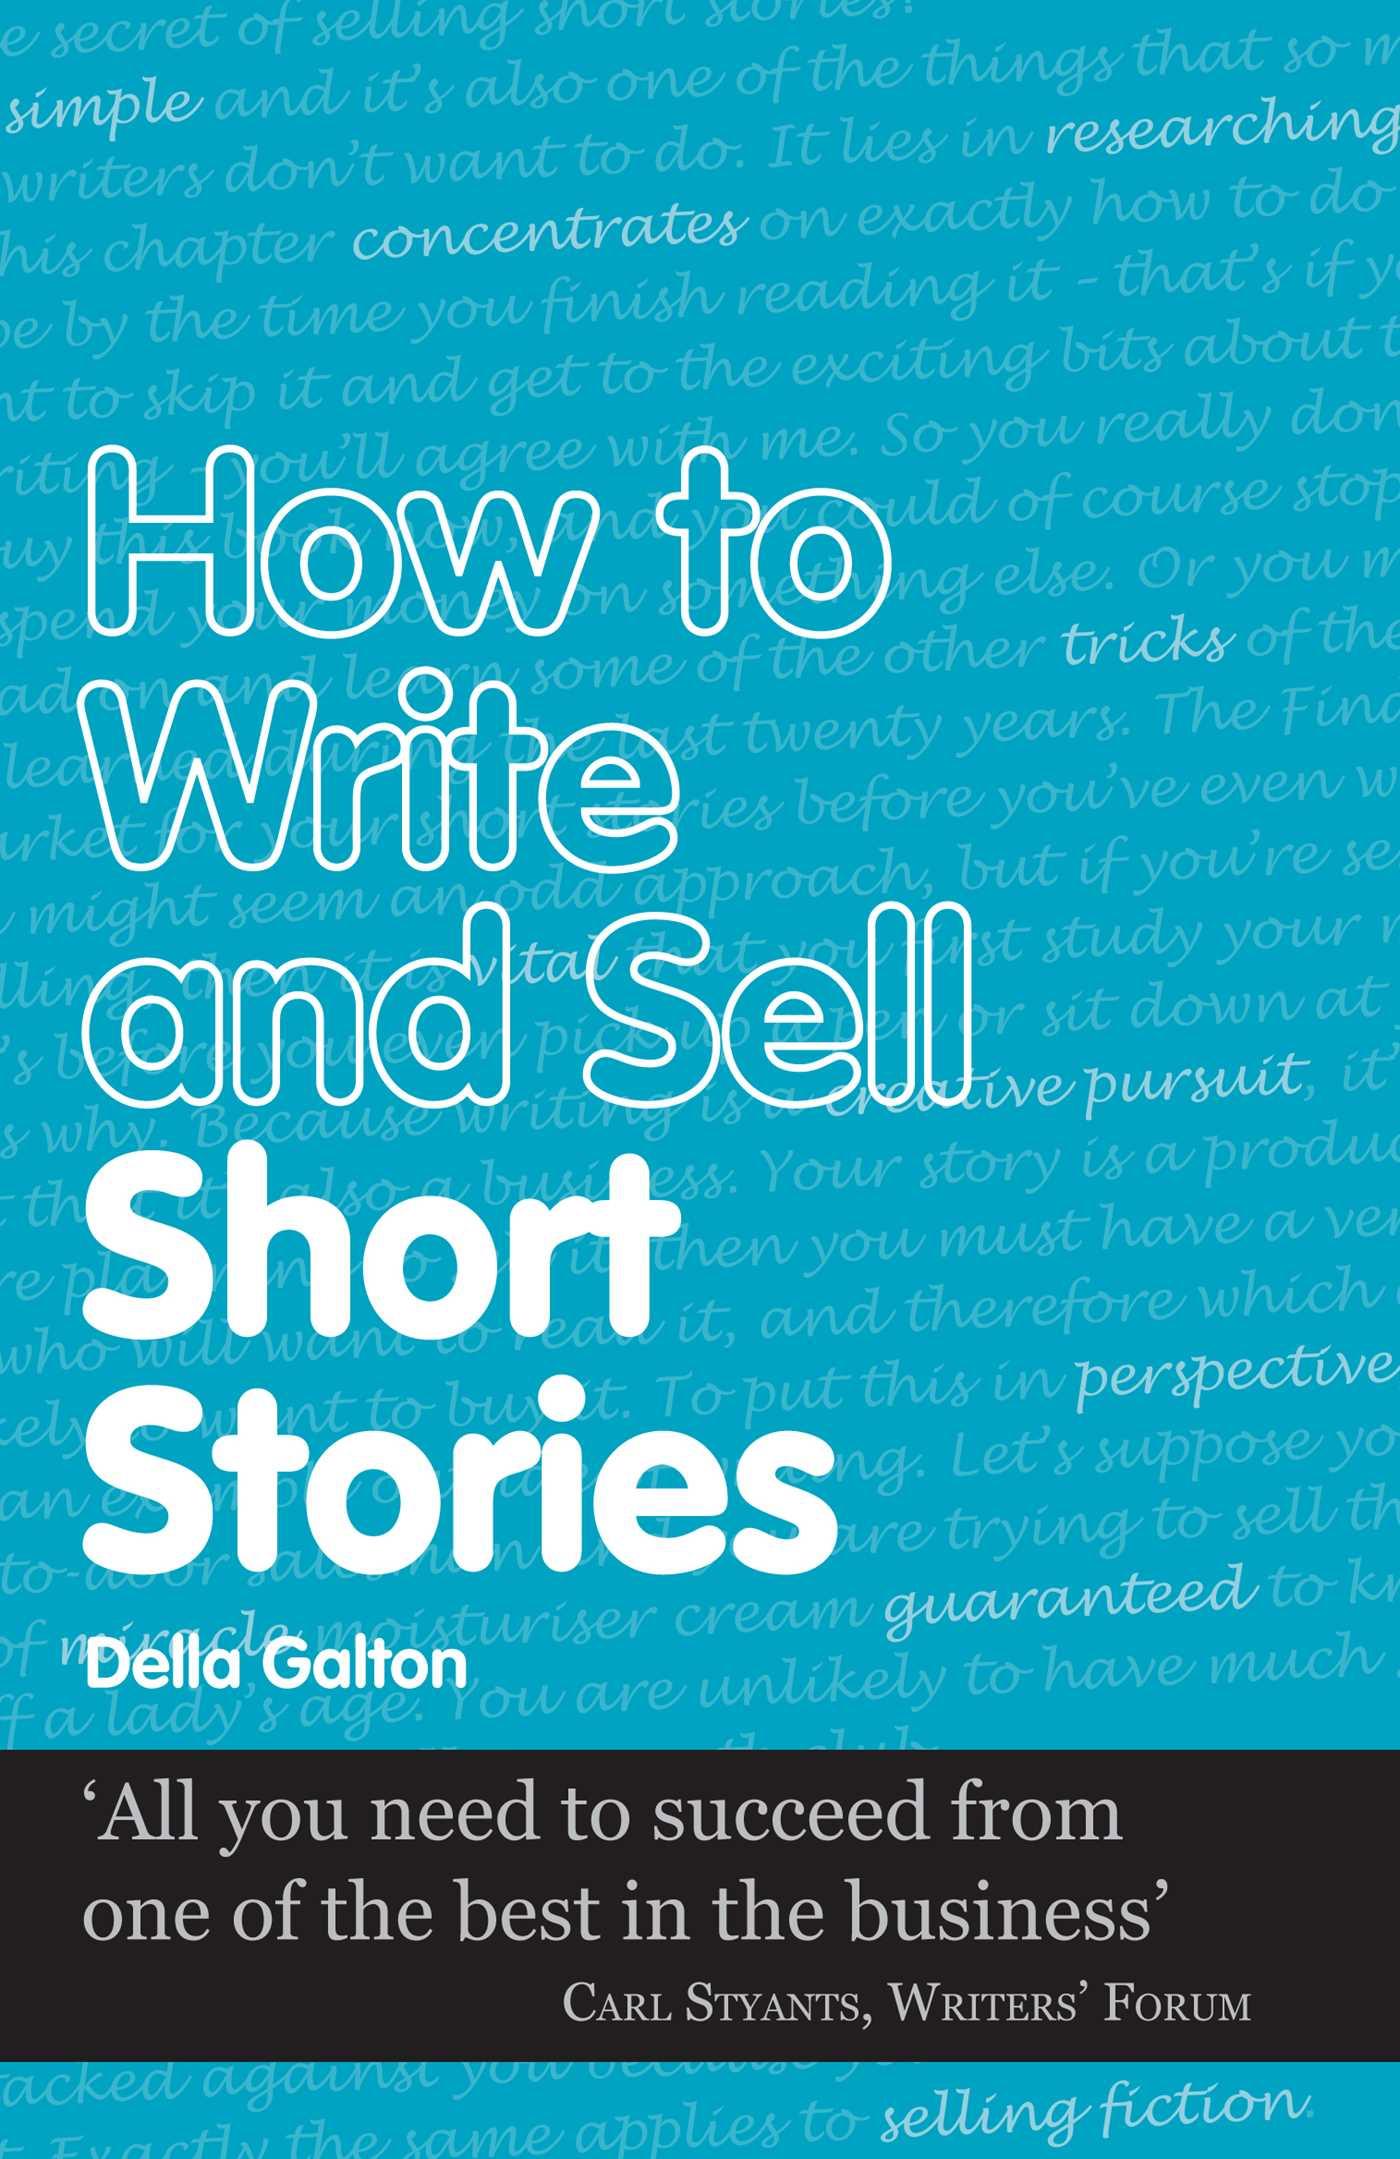 how do you write short stories